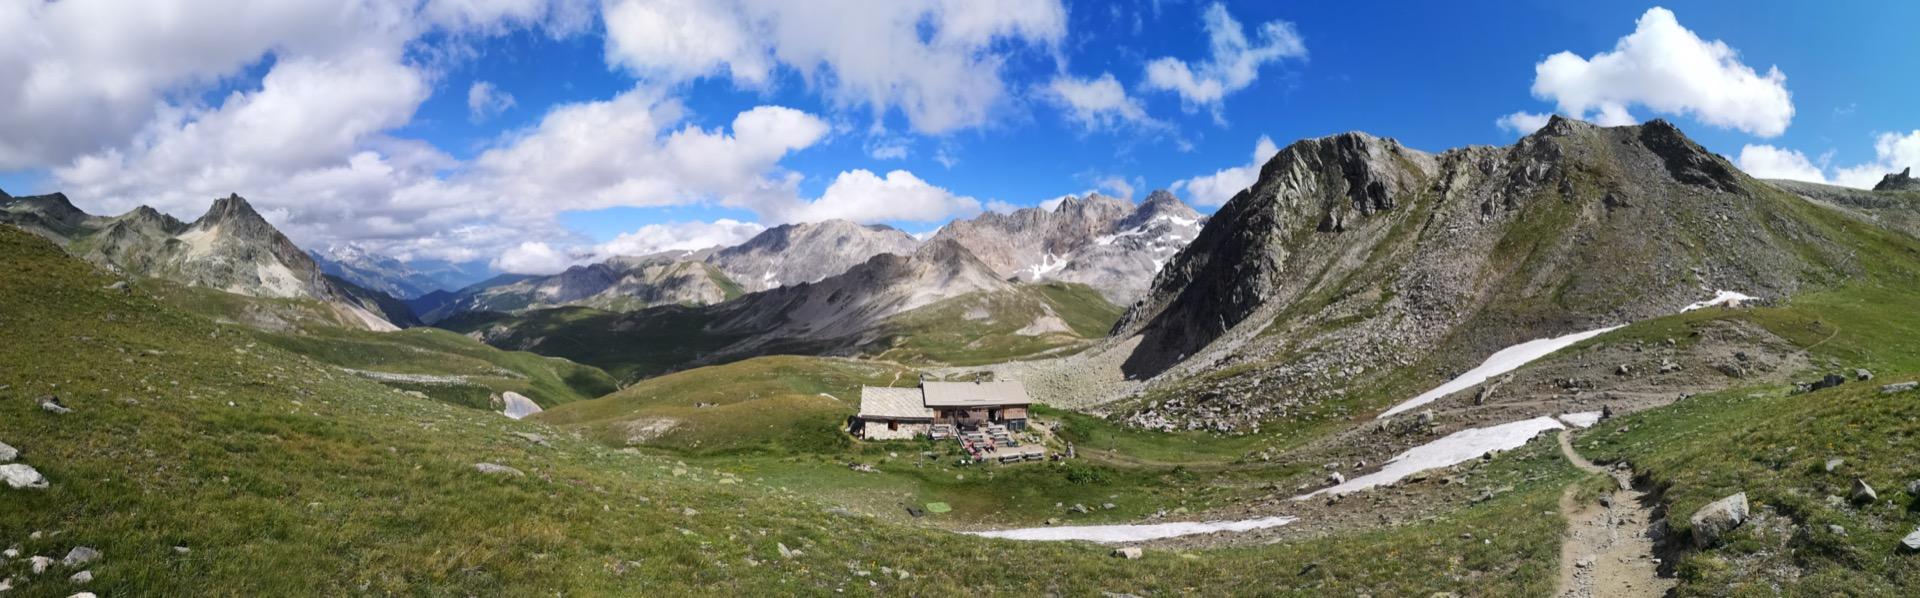 Le refuge du Mont Thabor et son panorama